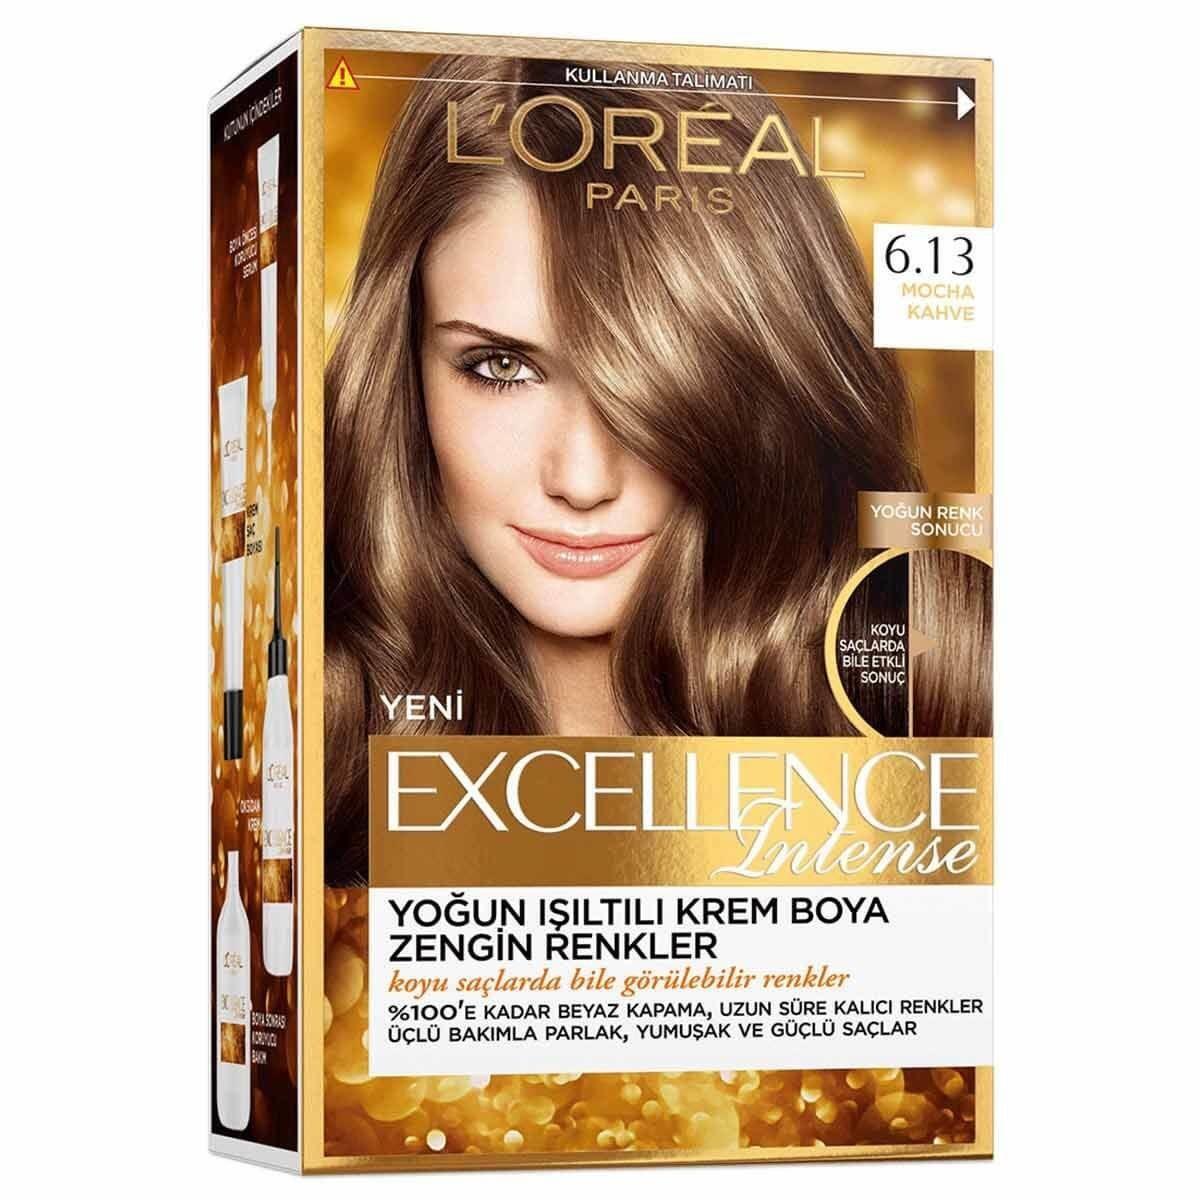 Loreal Excellence Intense Saç Boyası 6.13 Mocha Kahve